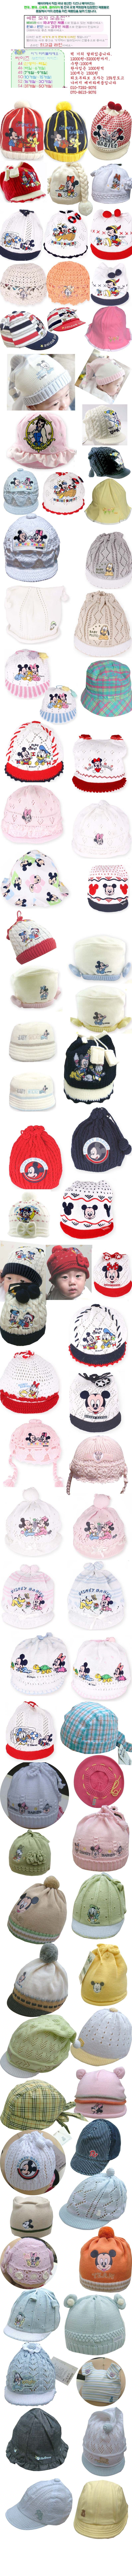 베비라 유아용 사계절 모자 땡처리